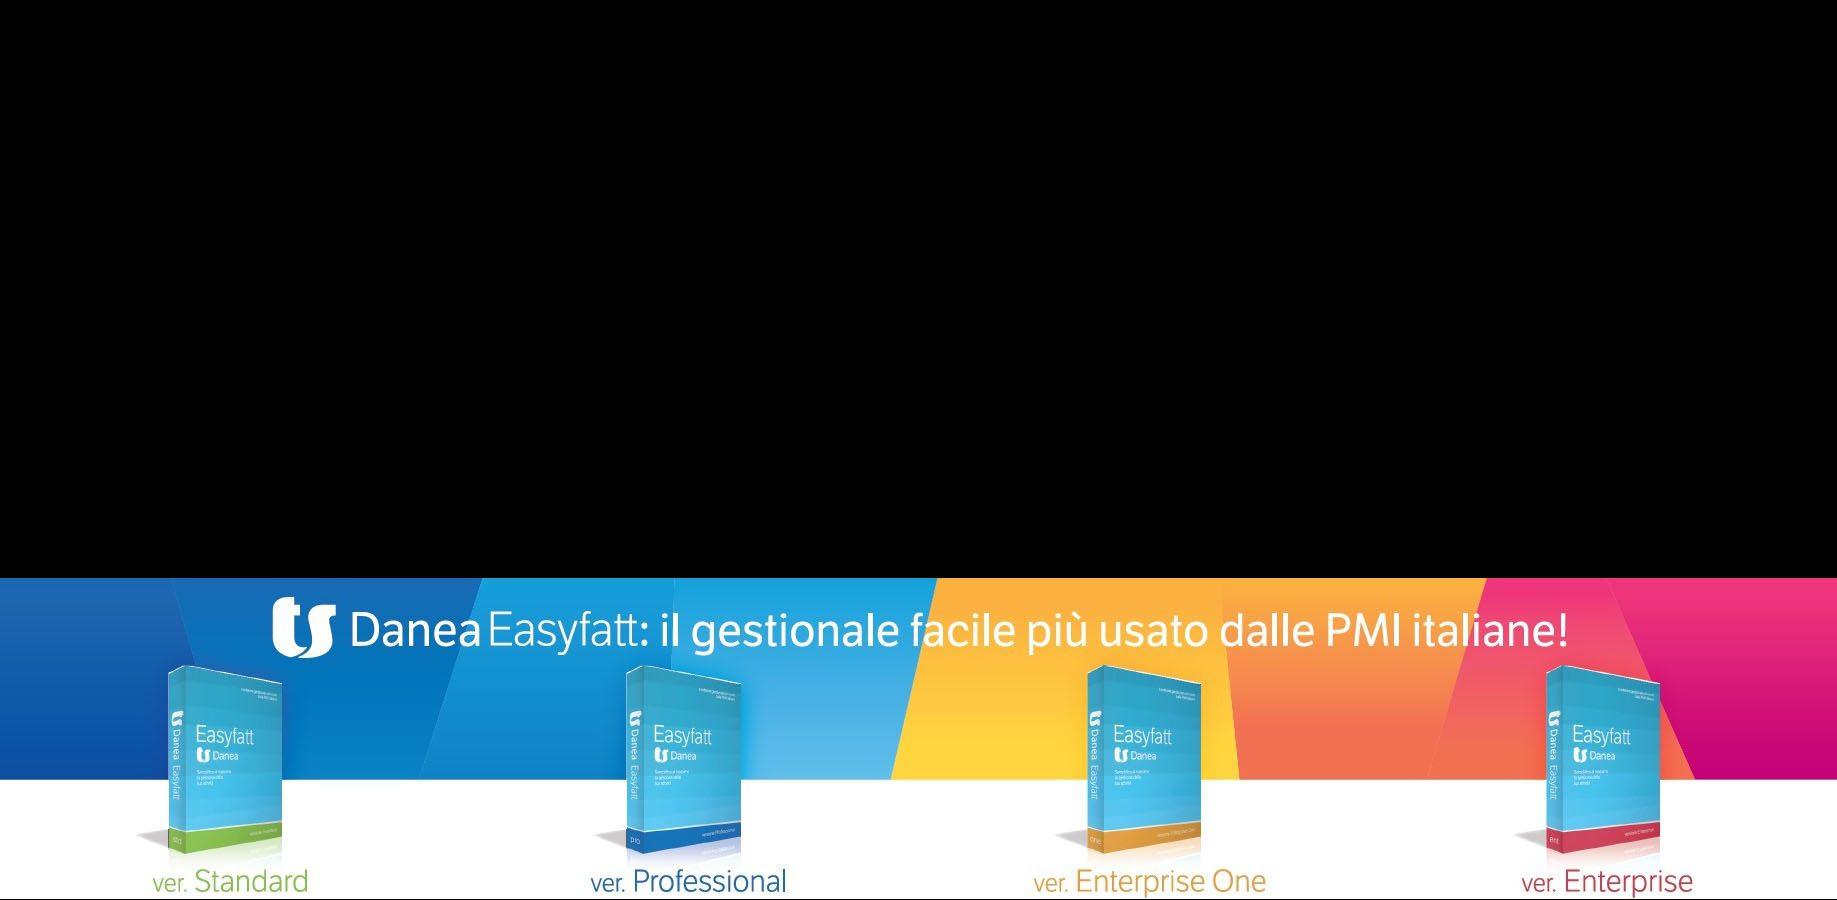 Gestionale Danea Easyfatt